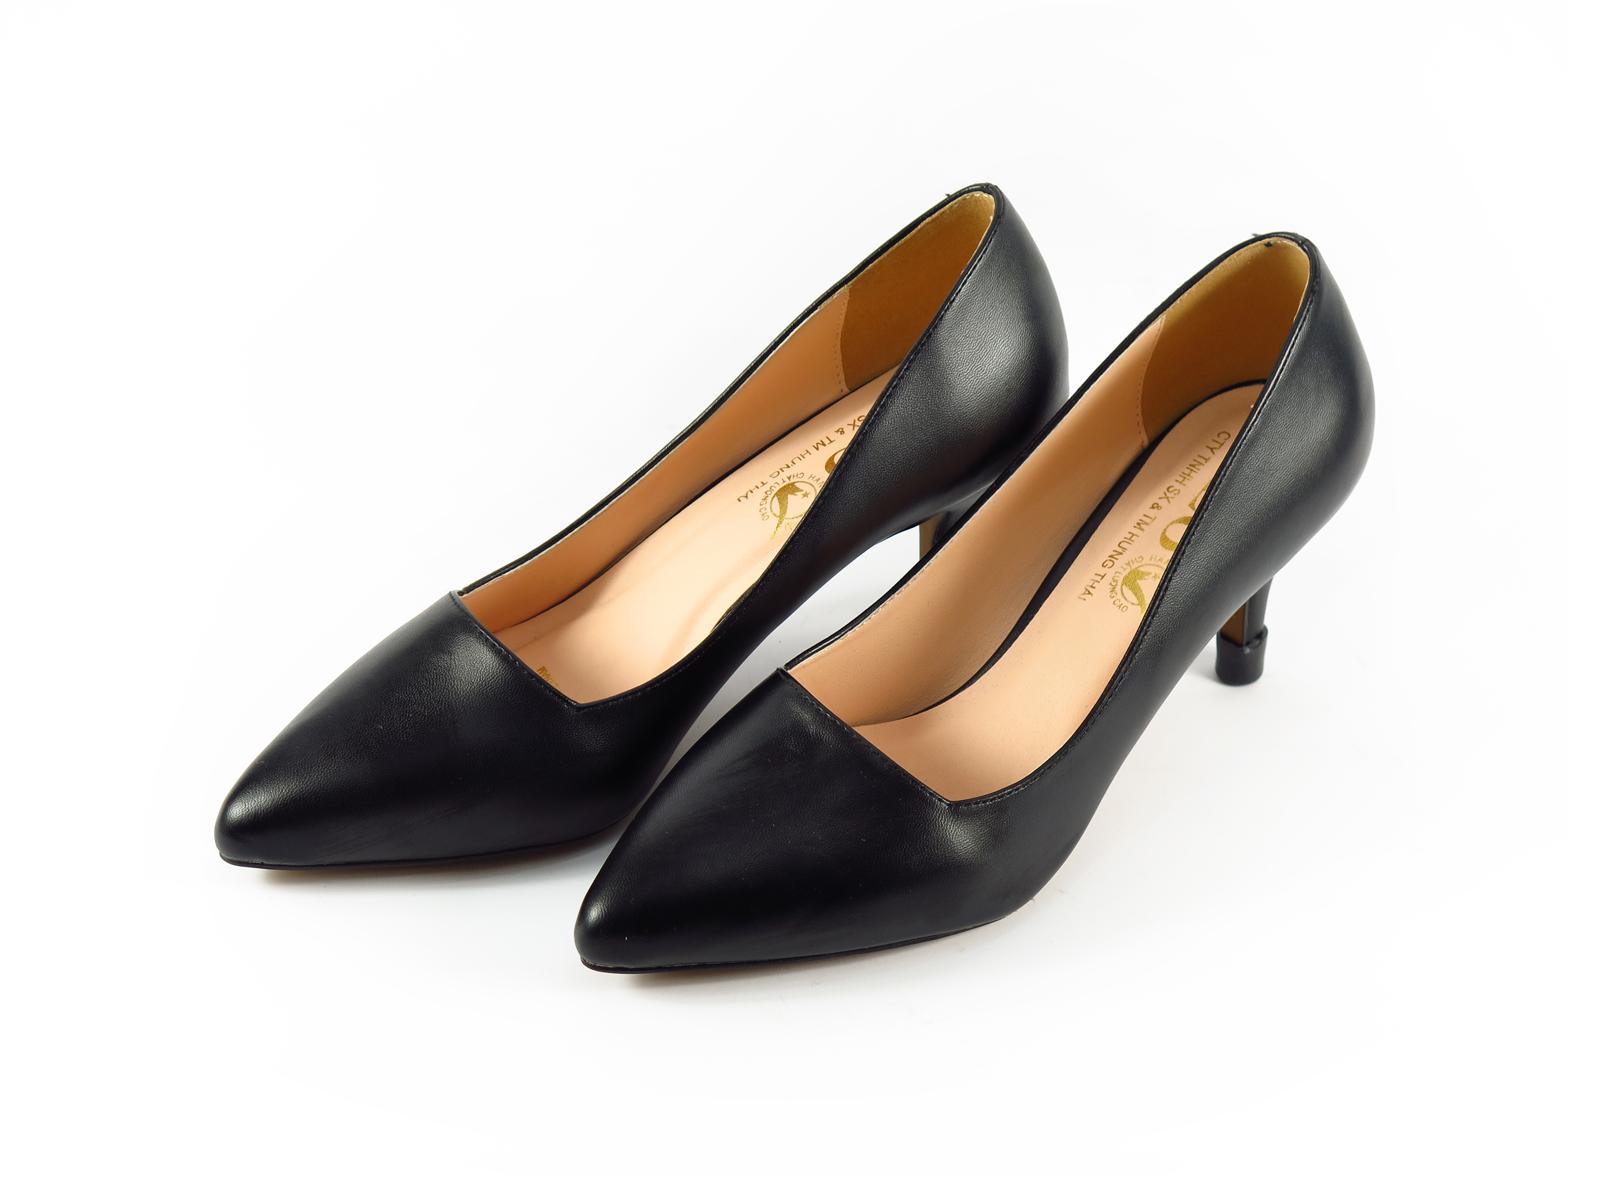 Giày công sở nữ cao 5p